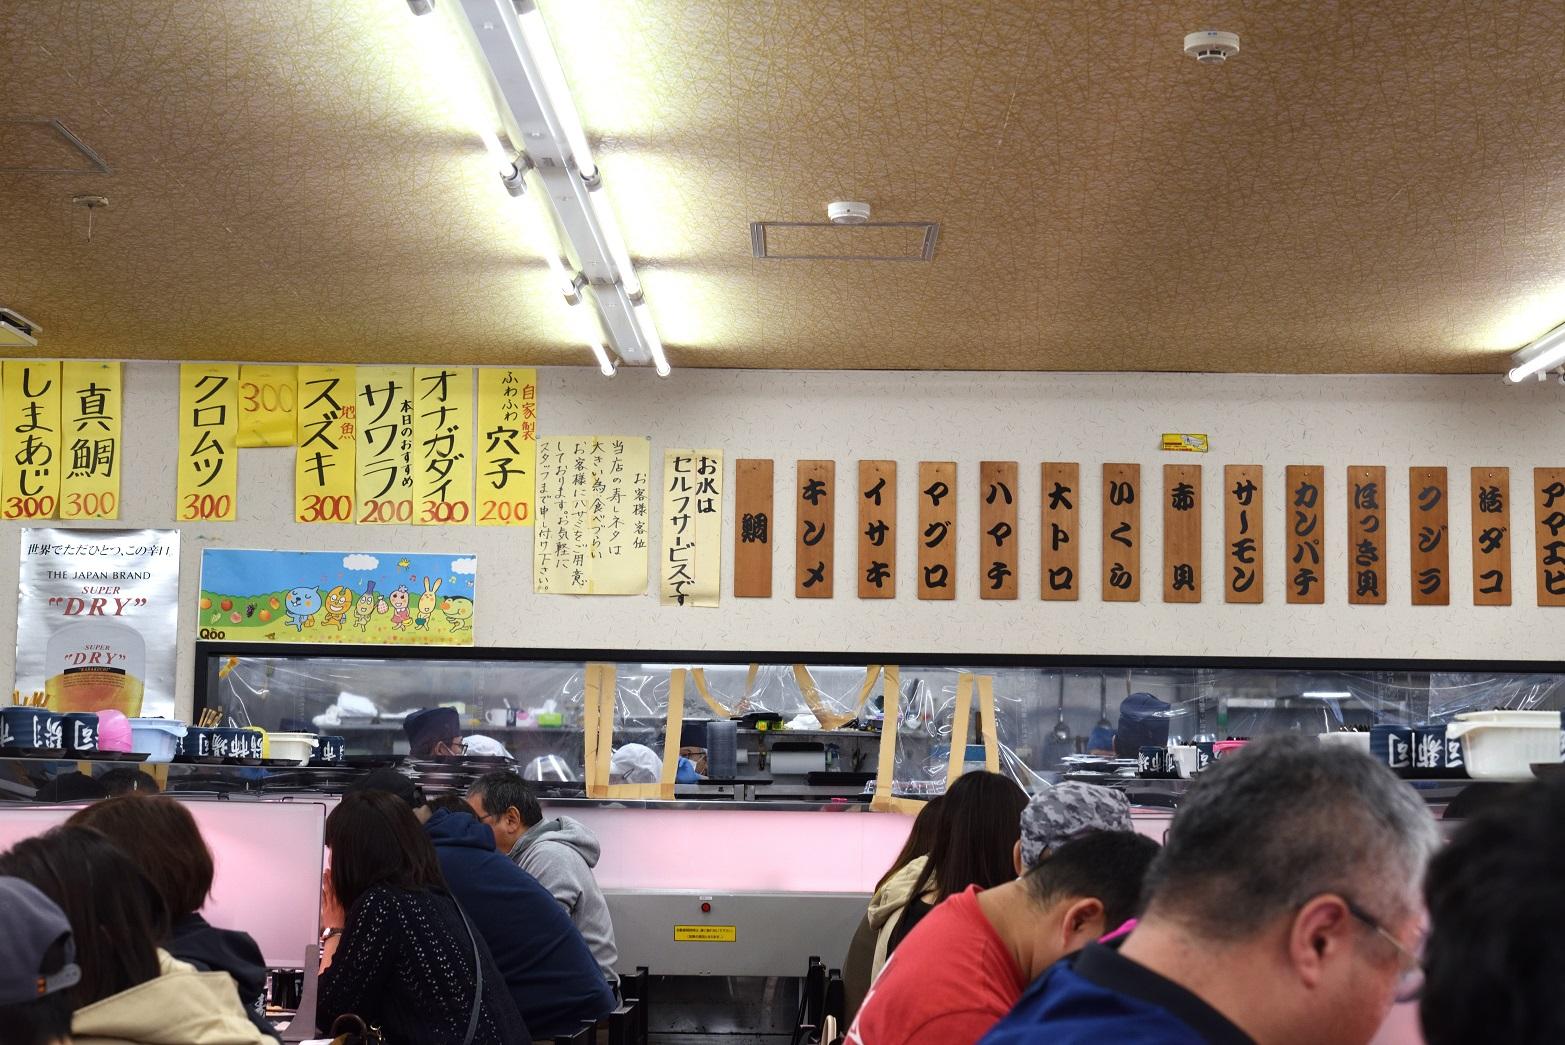 那珂湊 市場寿司 店内